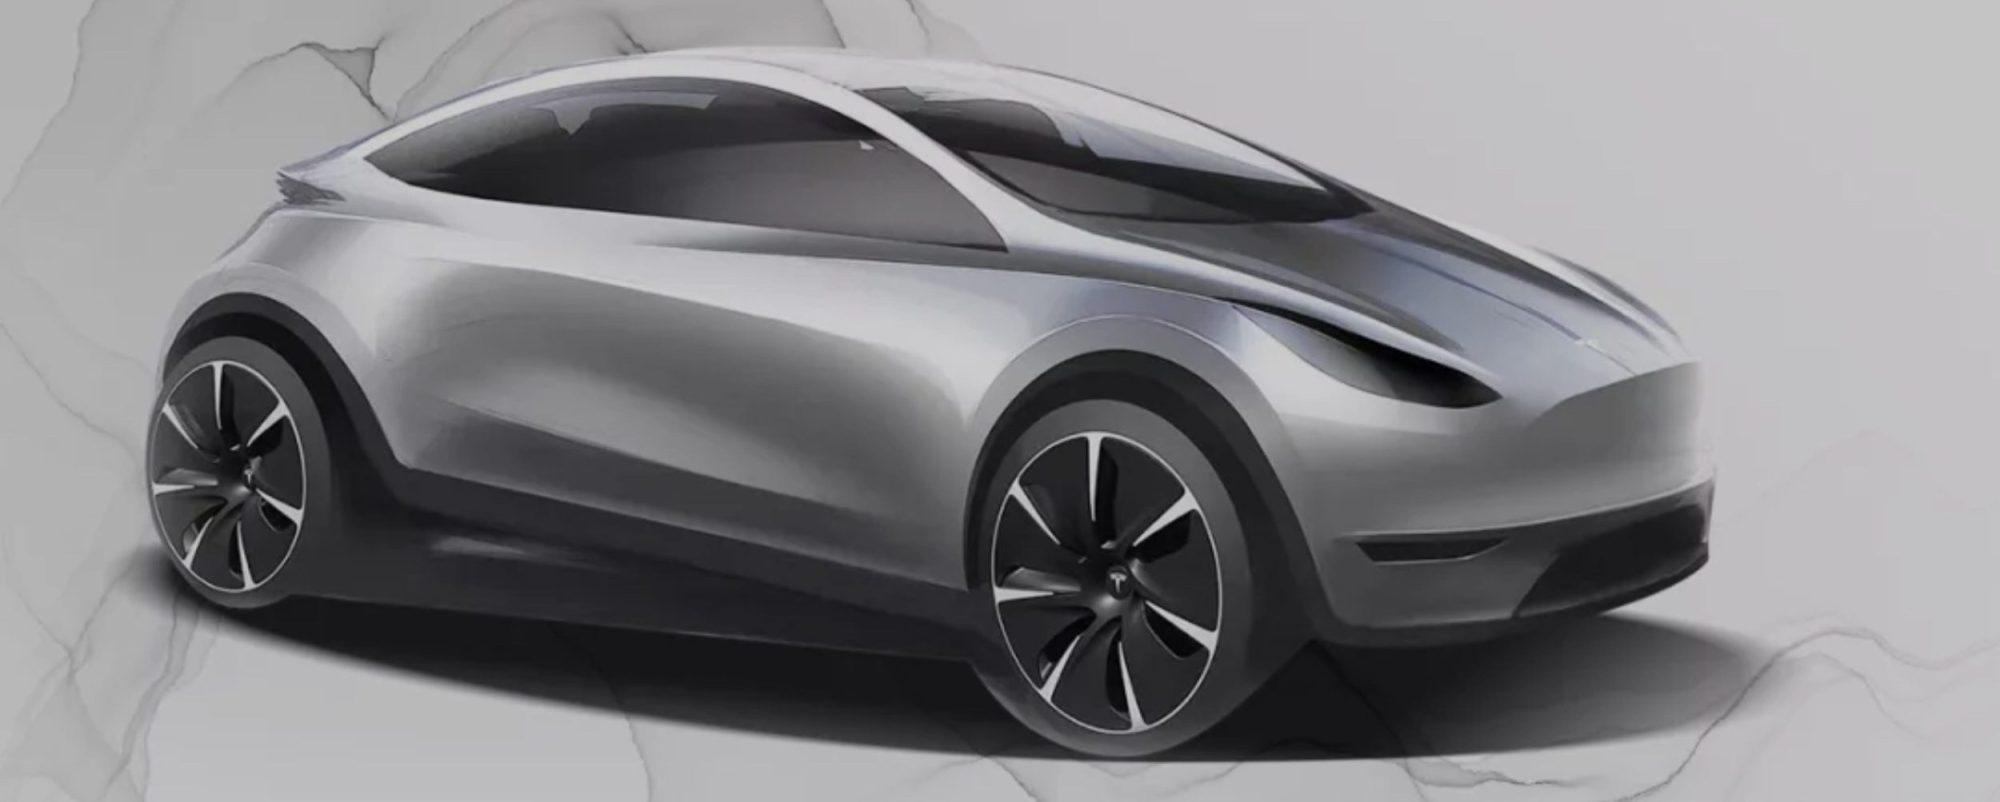 Tesla-hatchback